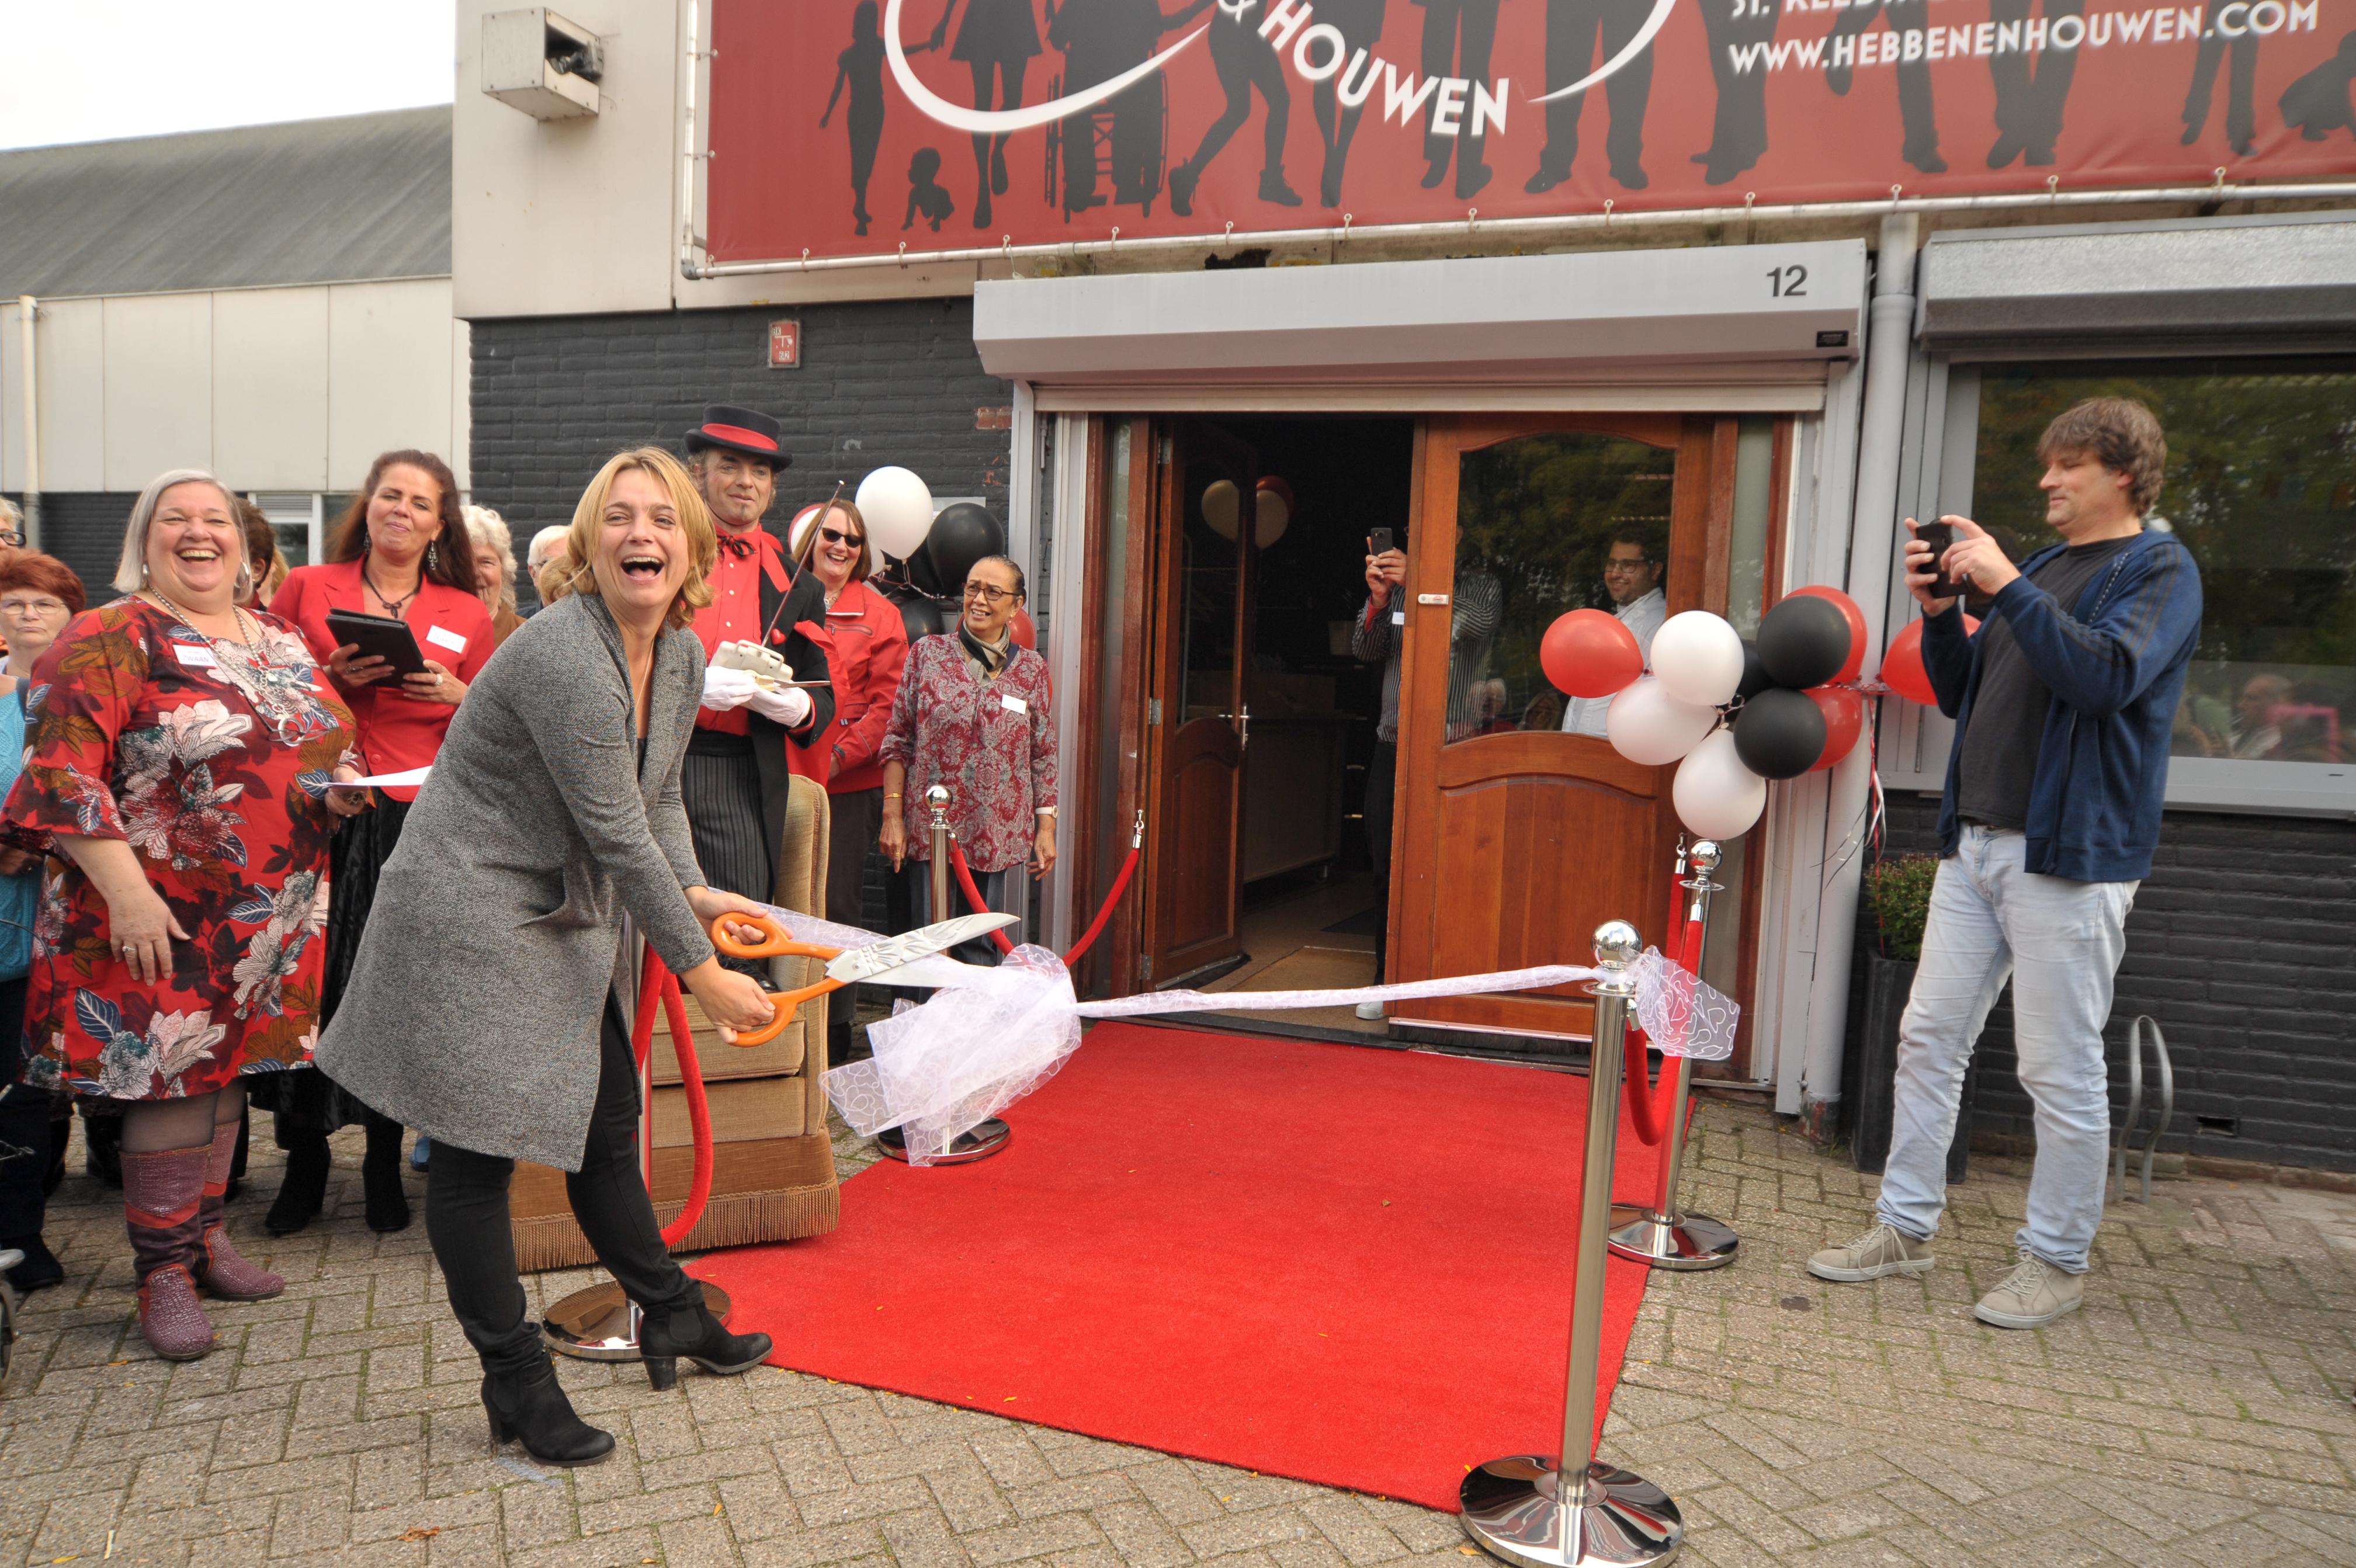 Erna Berends knipt het lint door. (Foto: Rob Beense / www.foto.beense.nl)